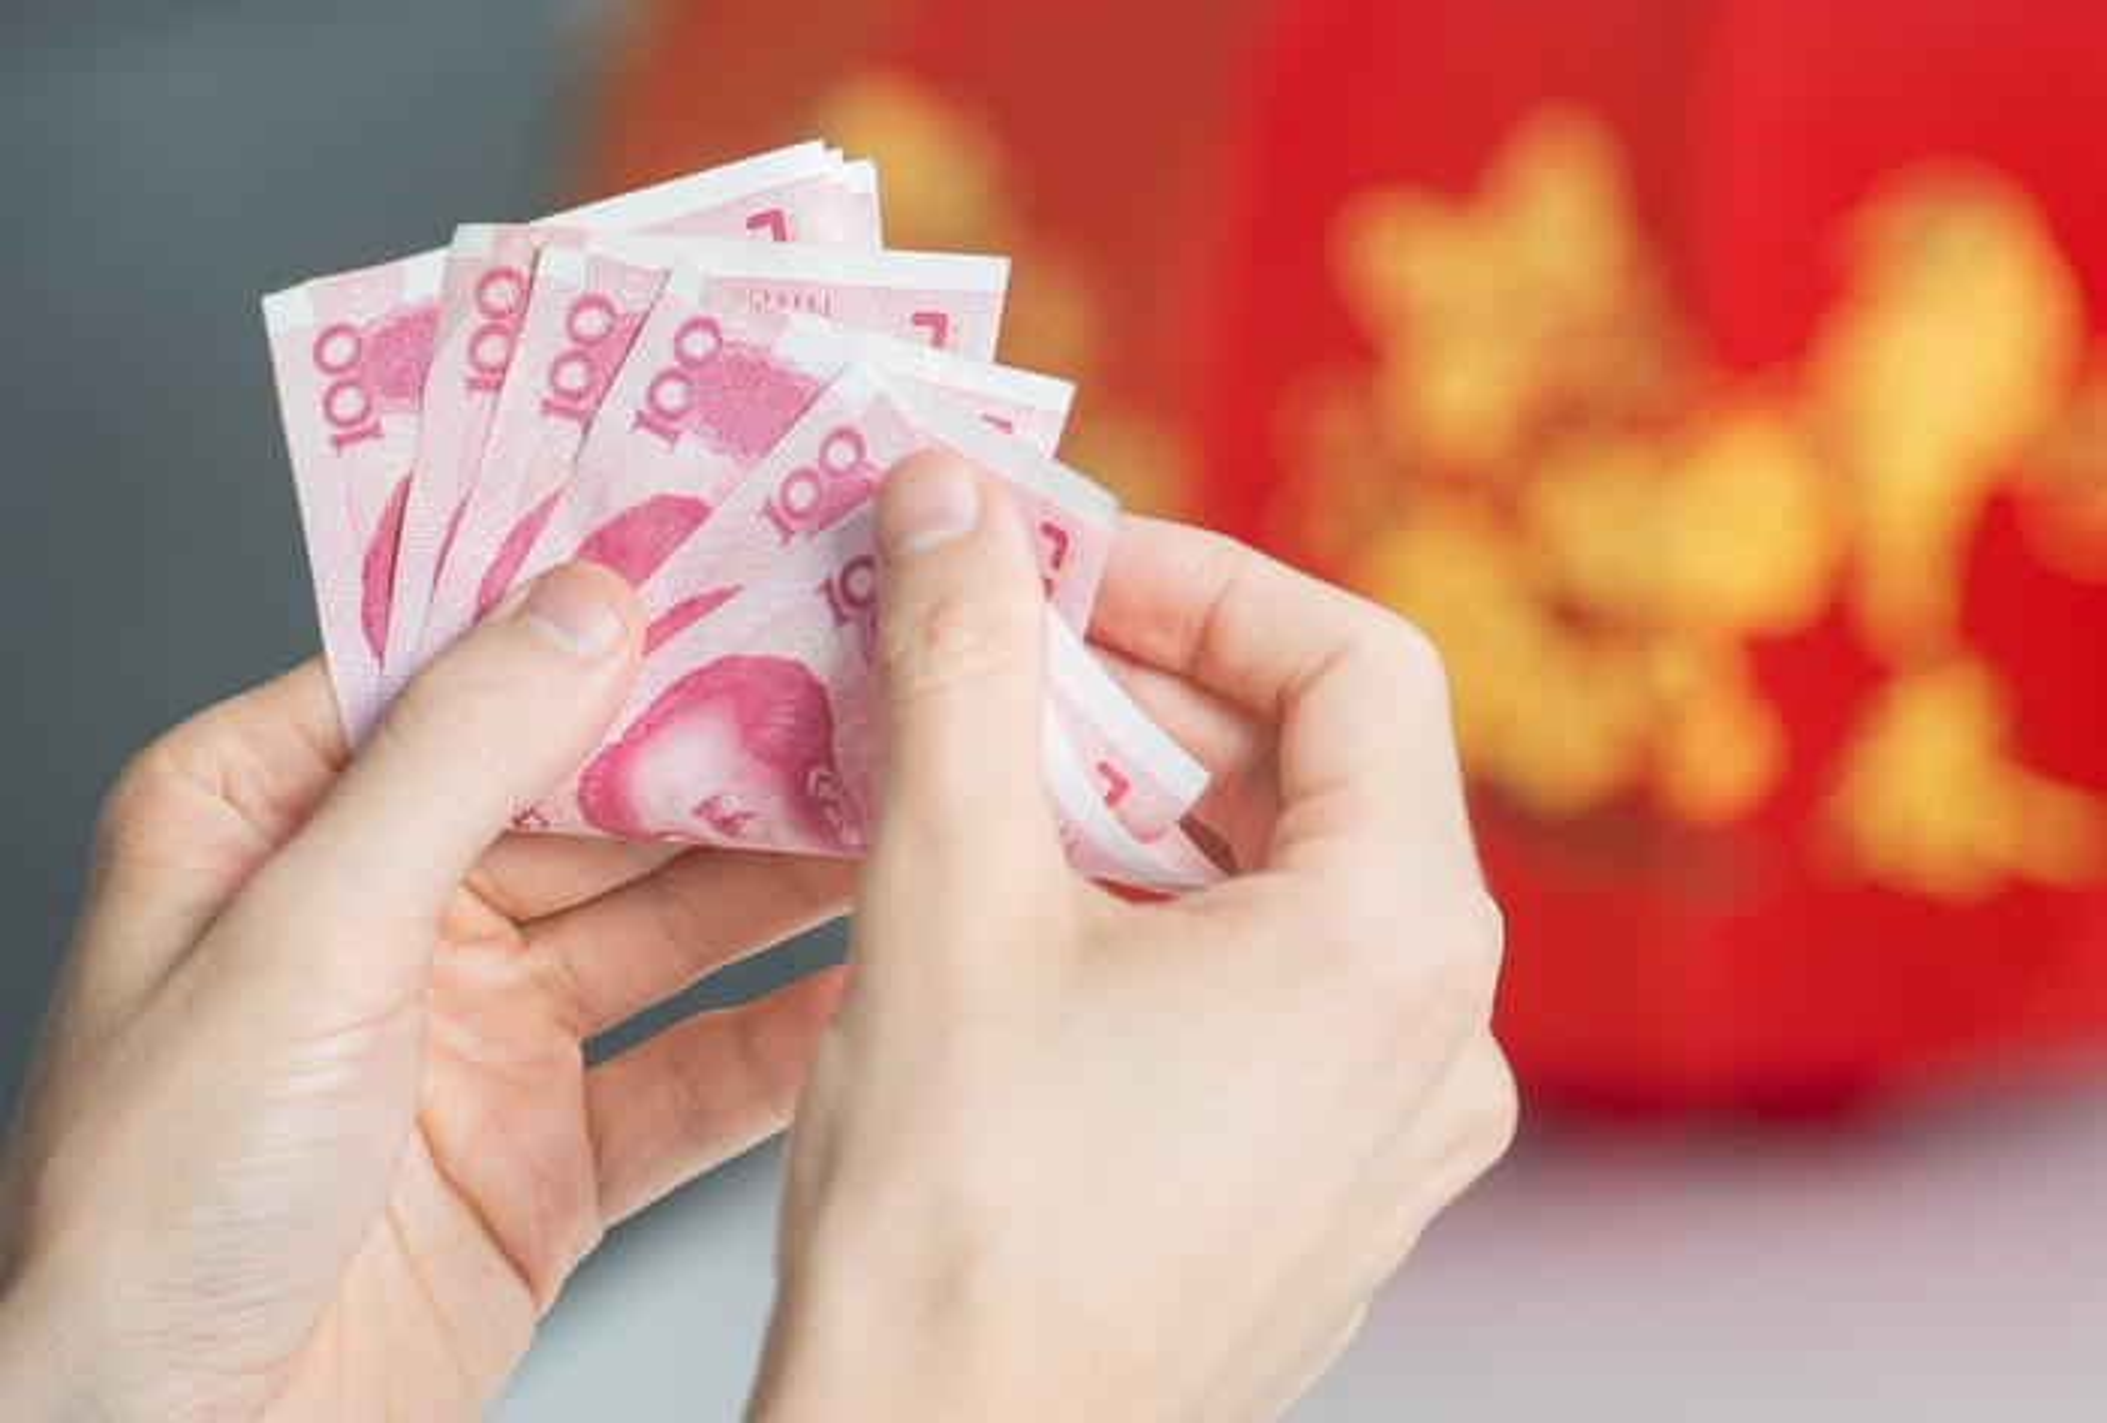 Hands holding 100 yuan bills